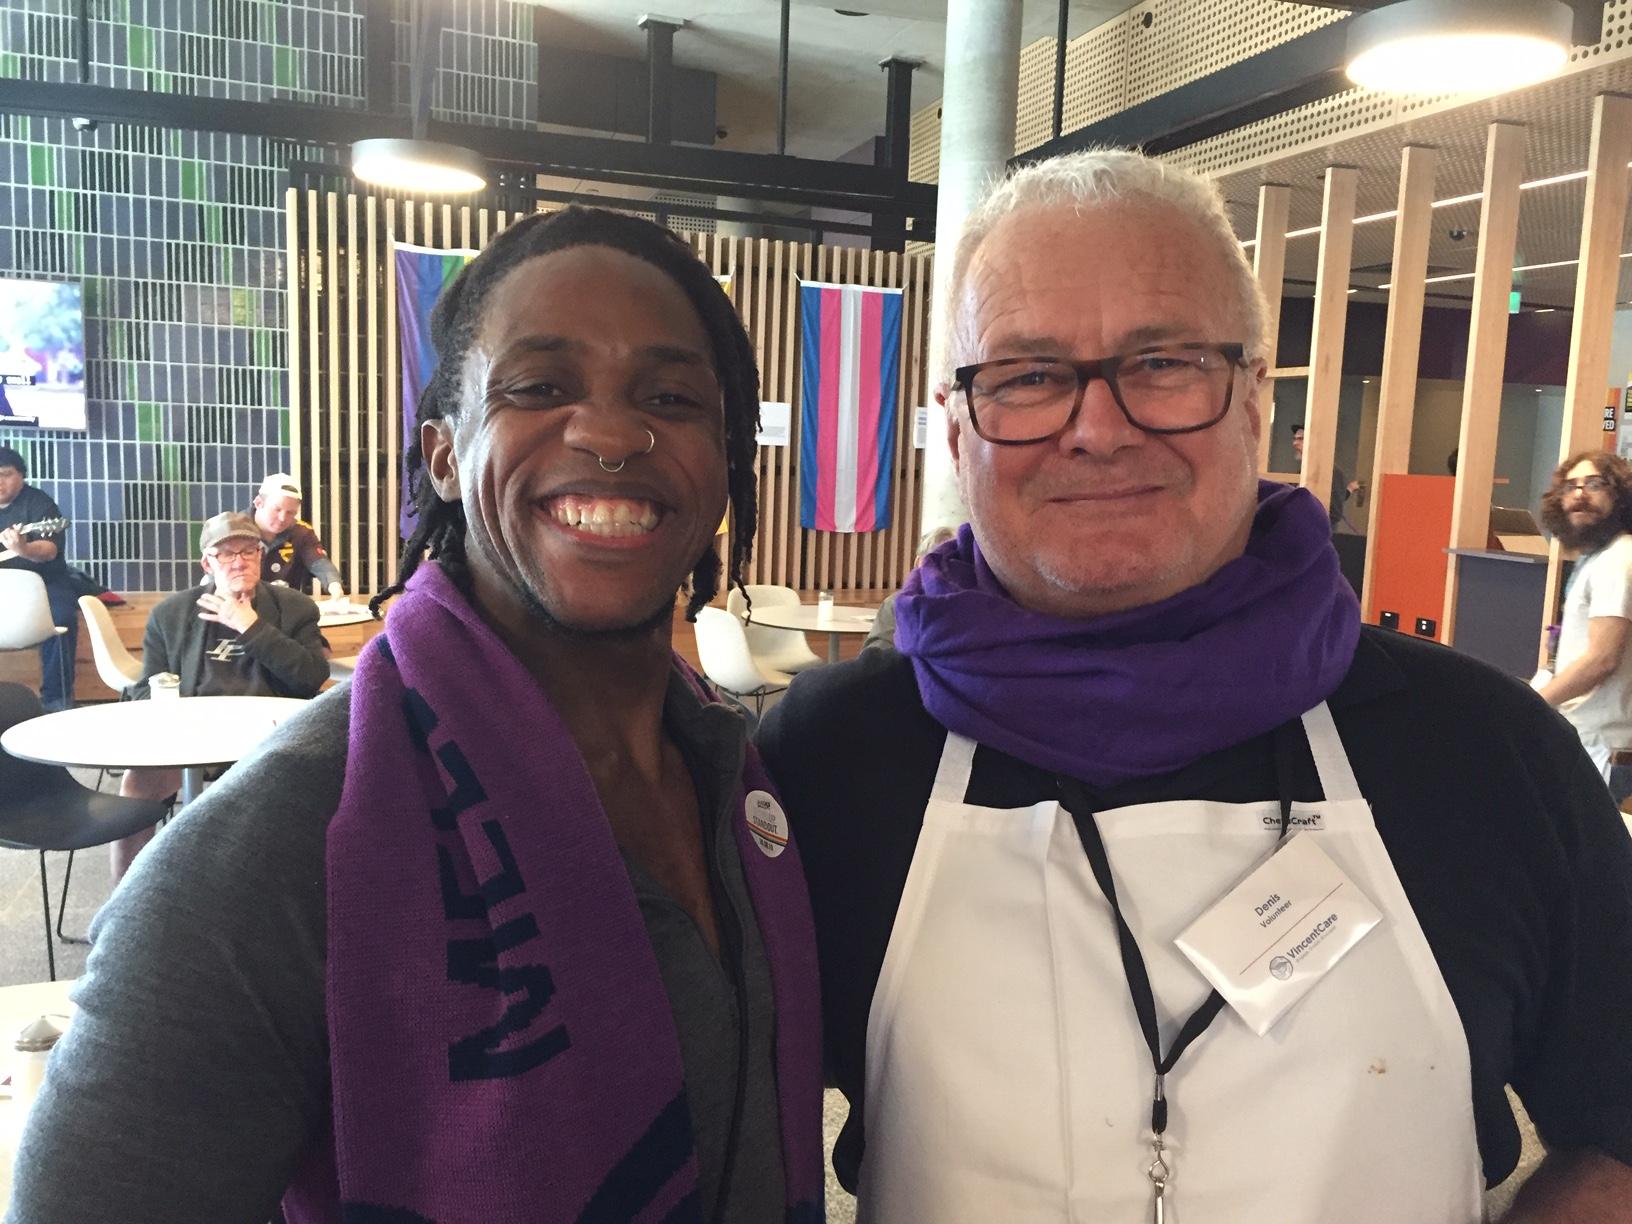 Two men wearing purple scarves